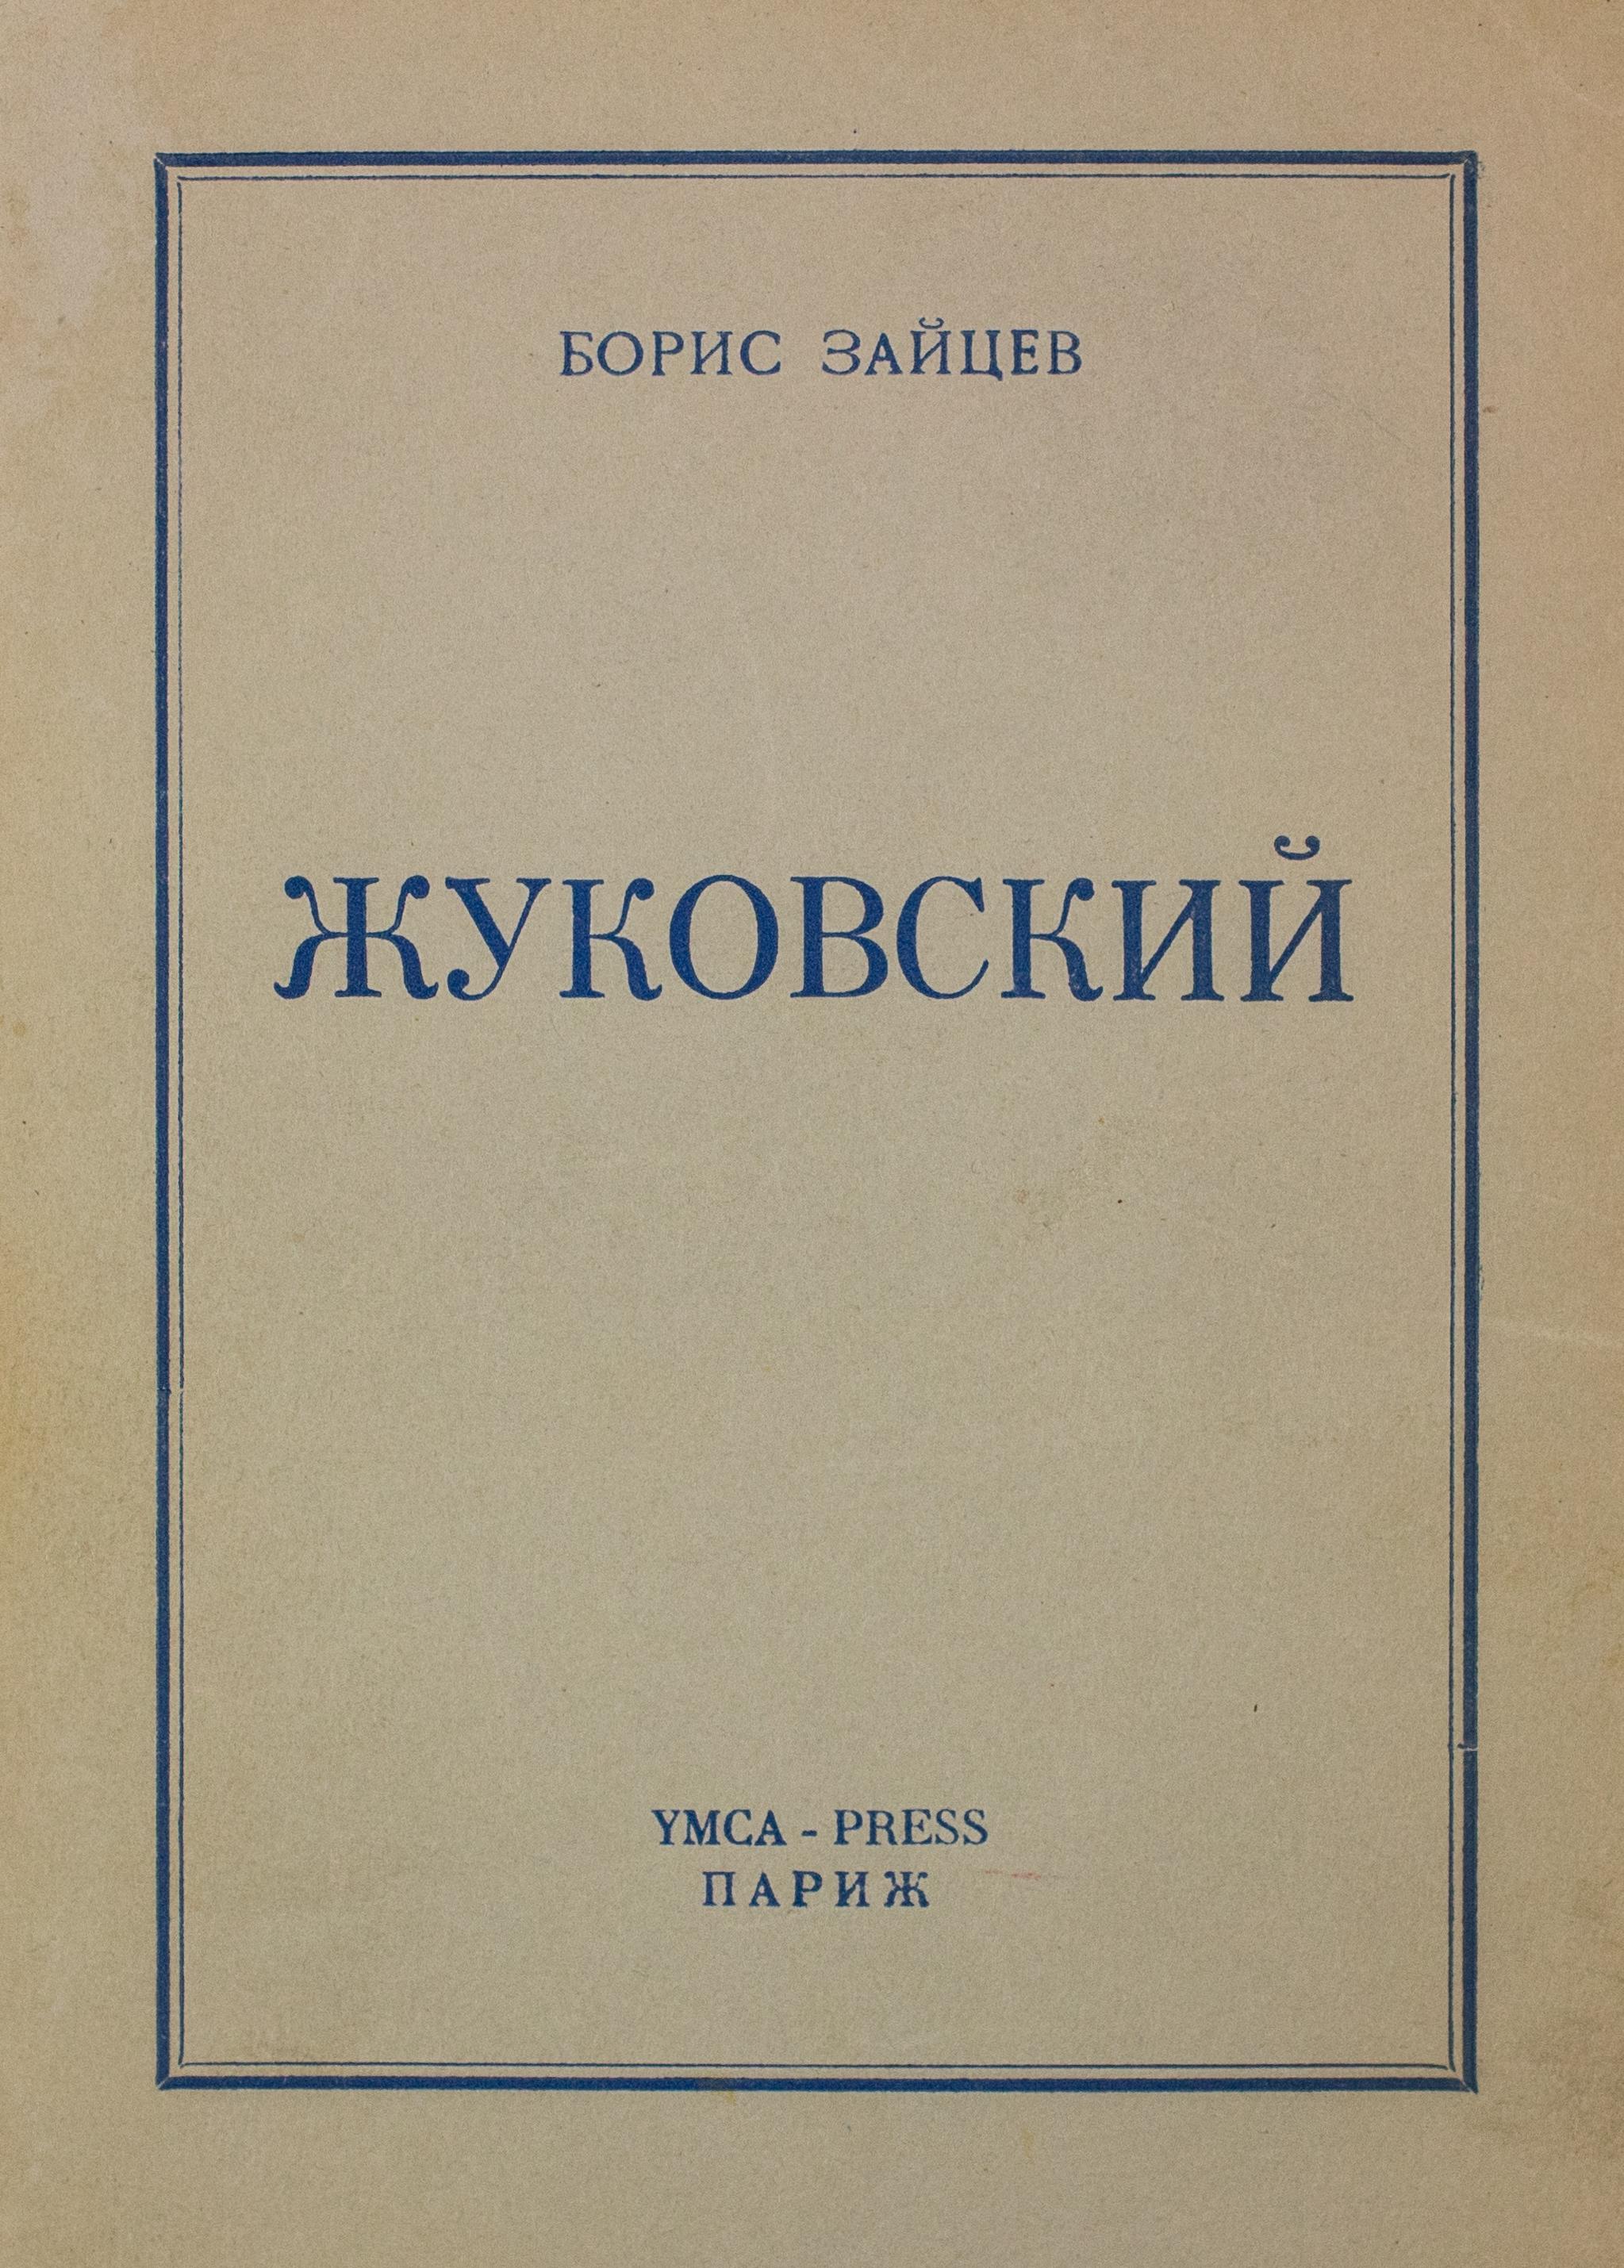 ZAÏTSEV, Boris. La vie de Joukovski. Paris, YMCA press, 1951. Envoi autographe de [...]